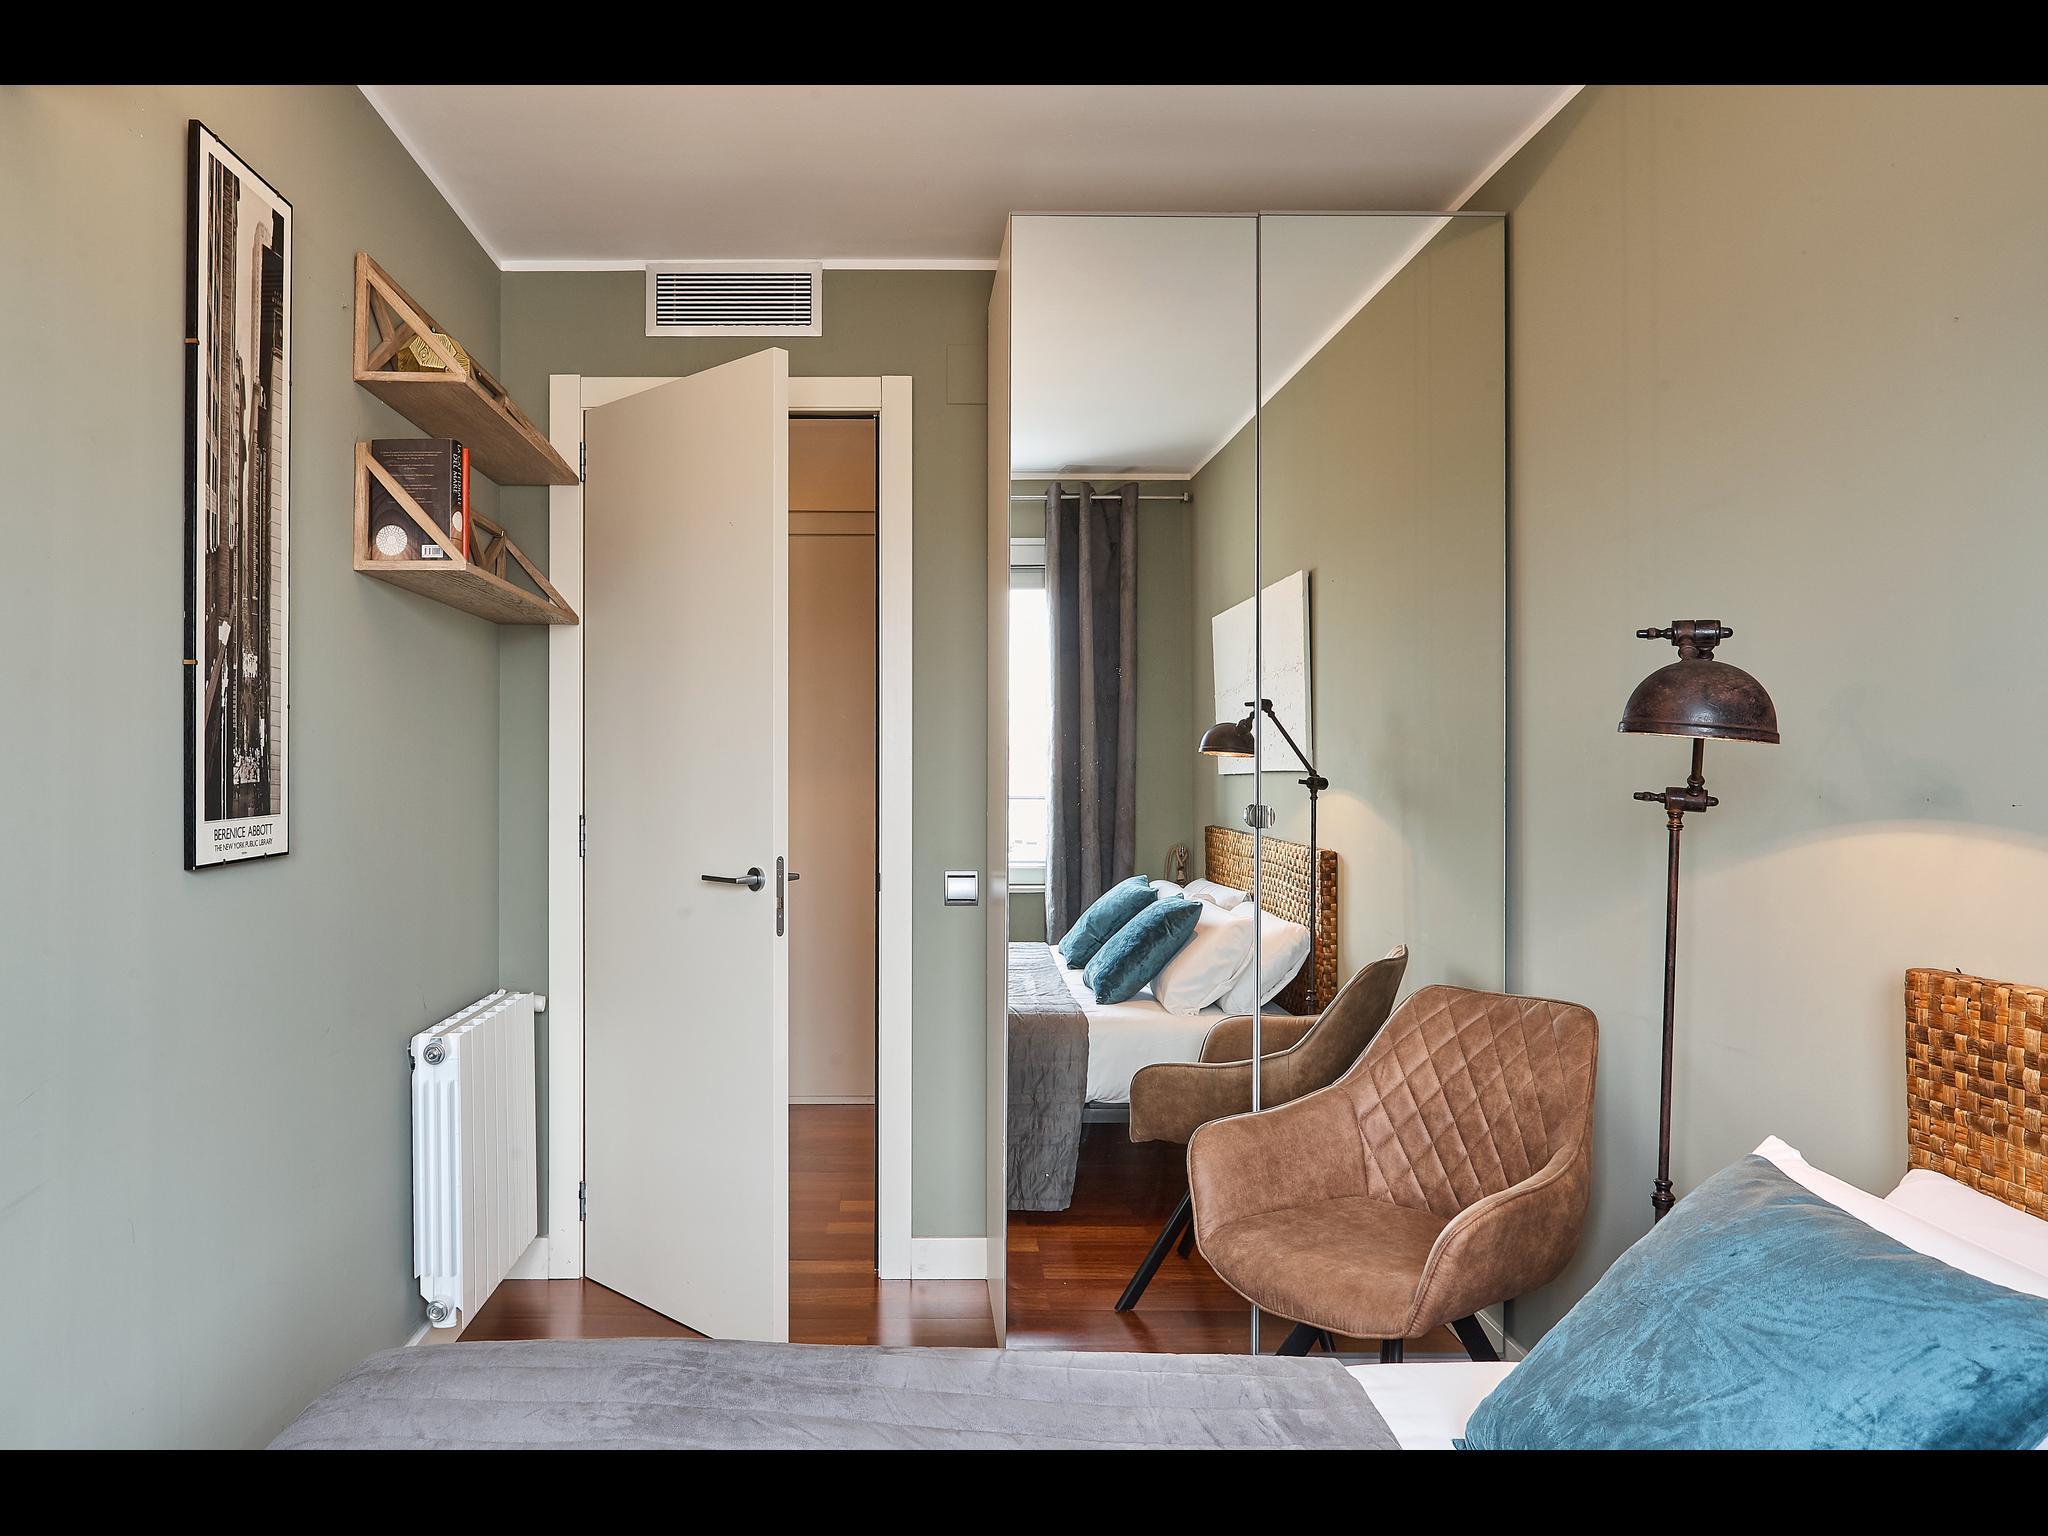 Vidal - Apartamento con vistas al mar en Barcelona